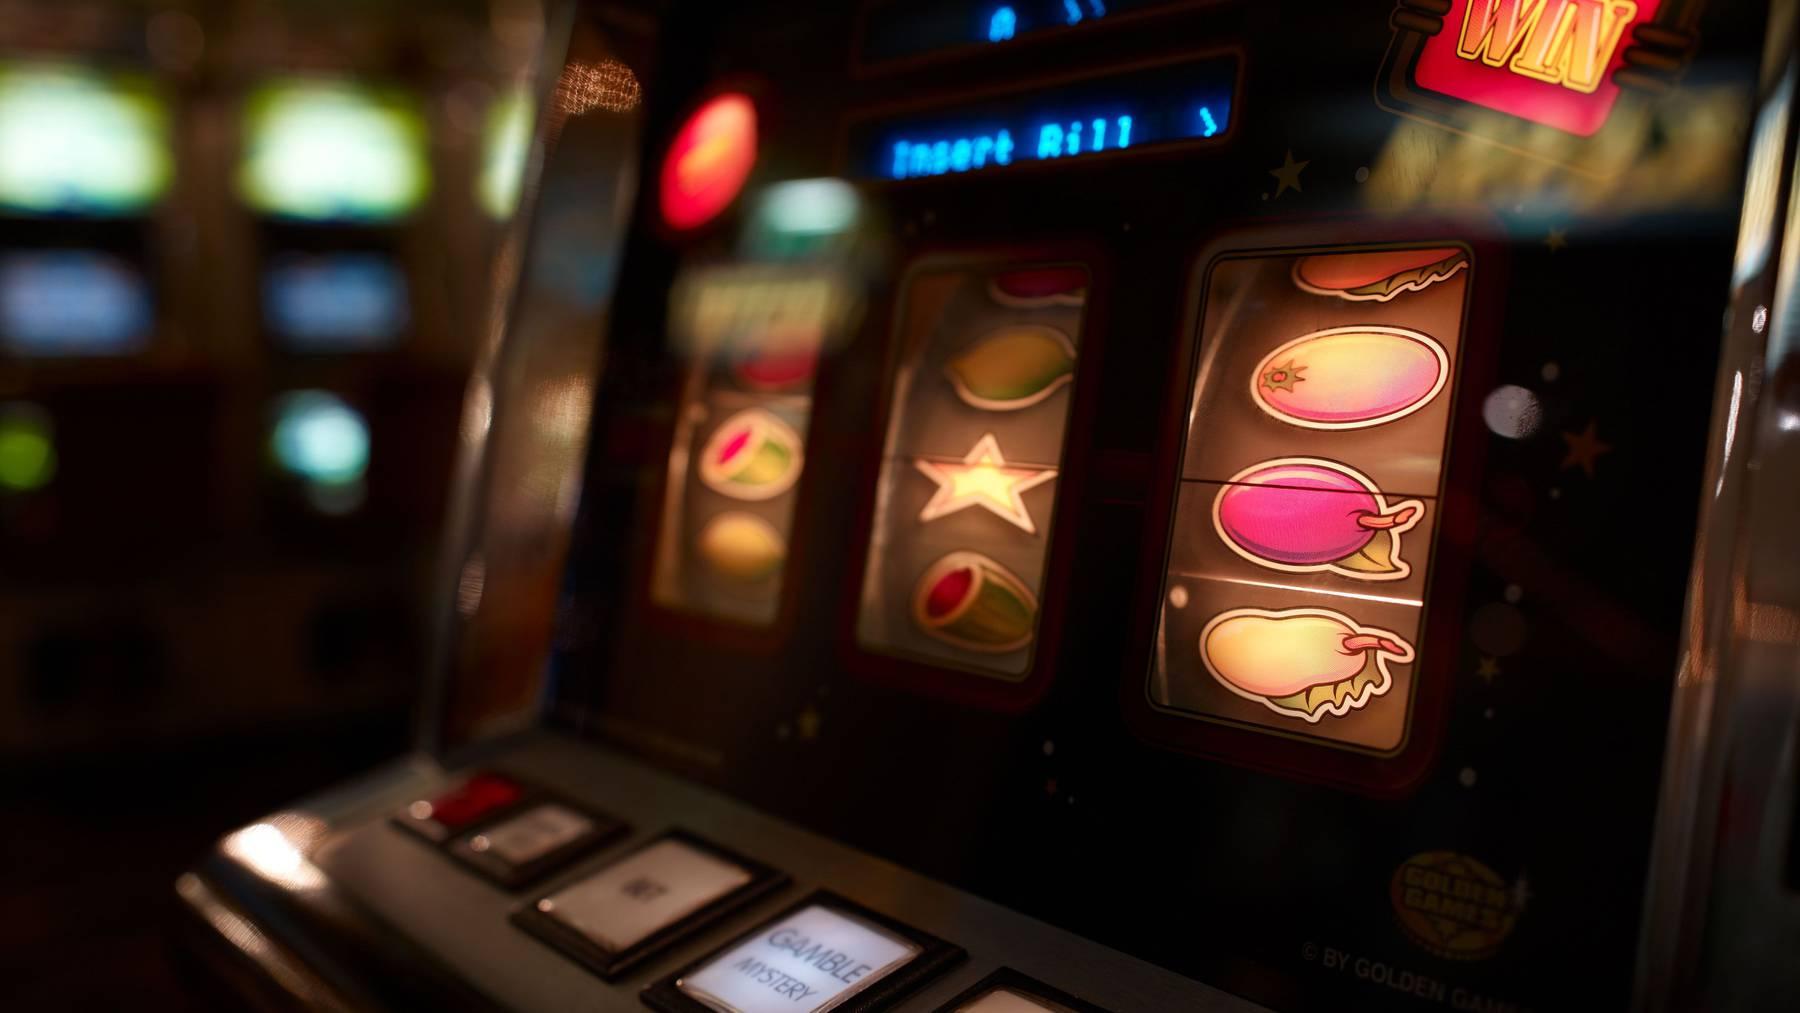 An diesem Automaten spielte die Frau.